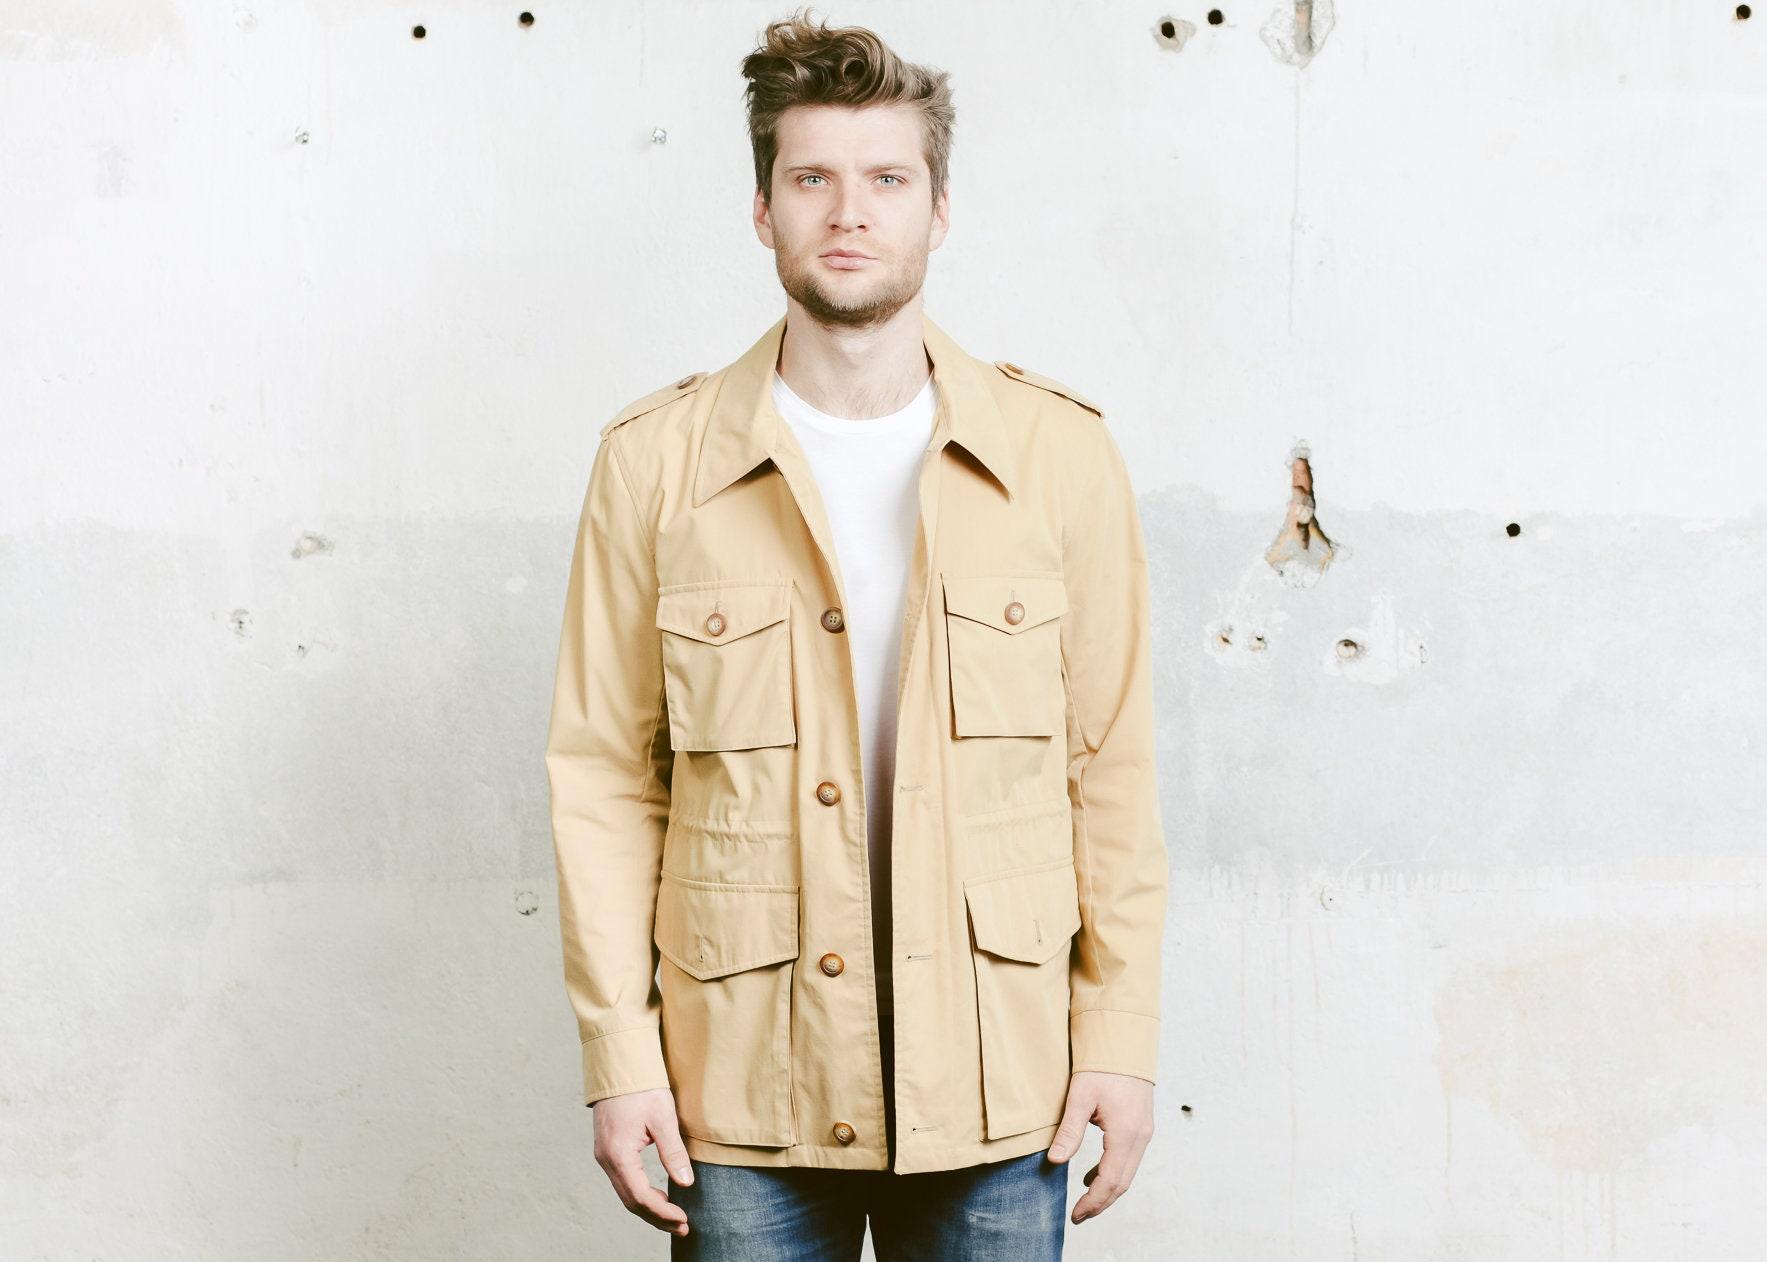 70 s veste Parka Manteau légère. Manteau Parka court beige Vintage des années 1970 champ manteau veste marron vêtements cadeau petit ami. taille moyenne M fd4780